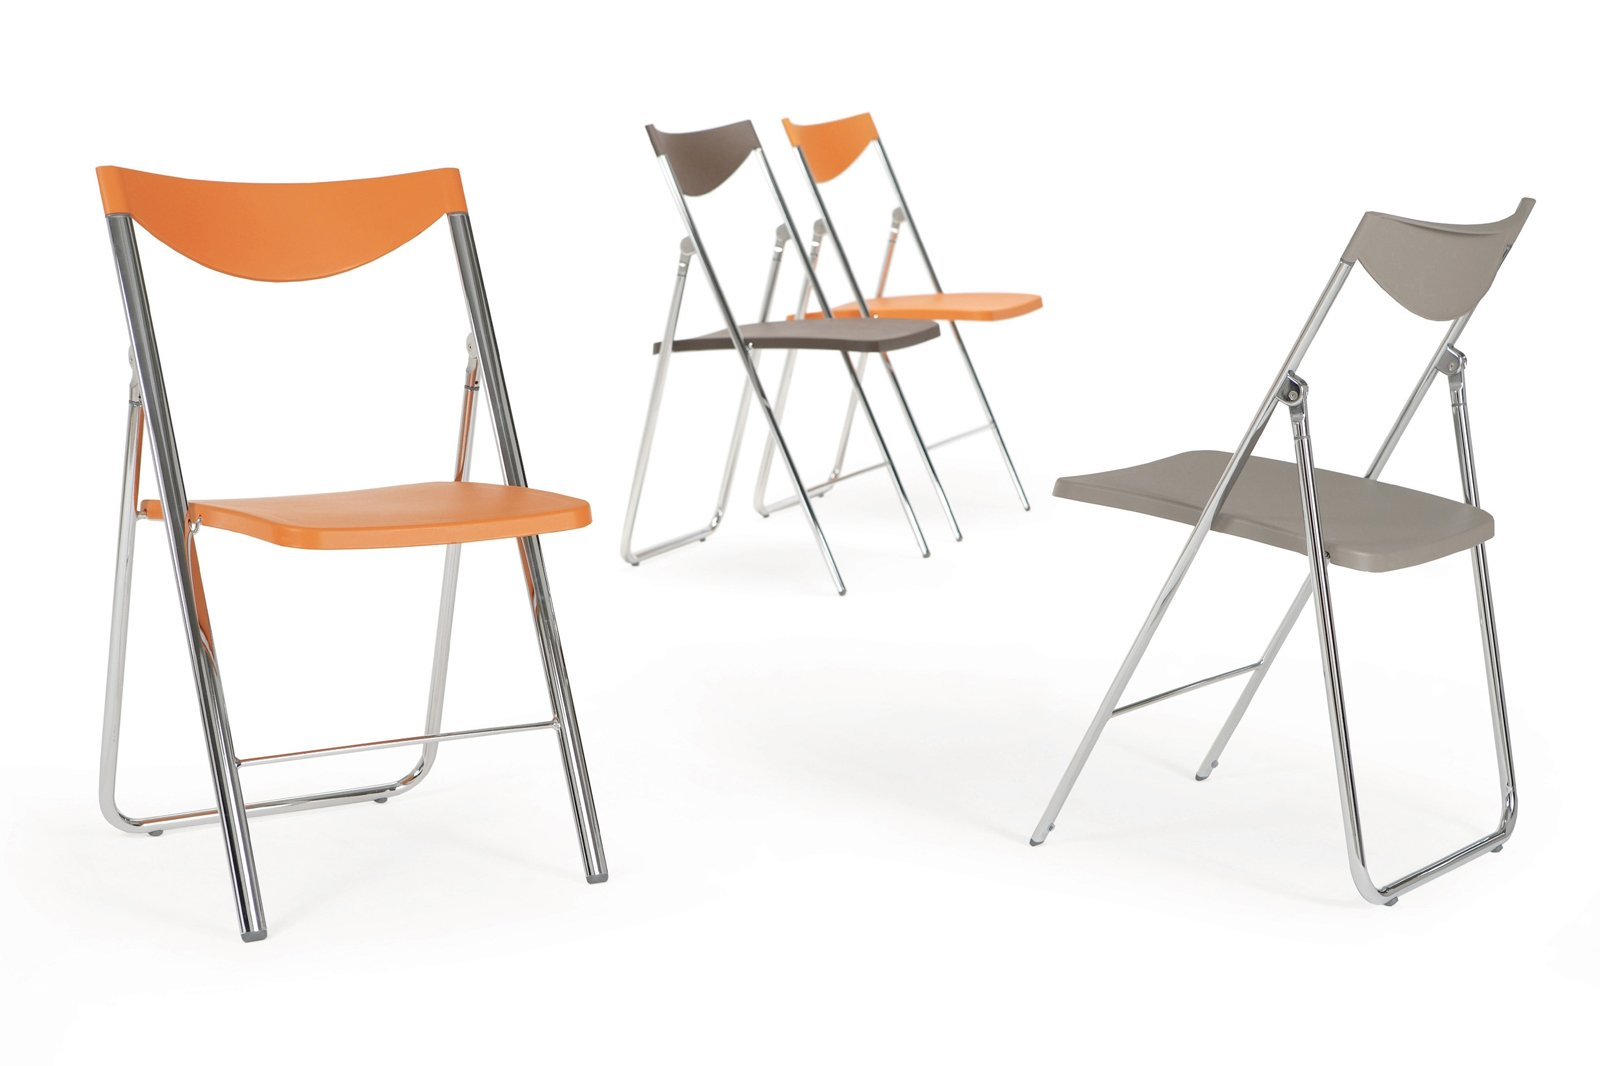 sedie low cost. 15 modelli a meno di 100 euro - cose di casa - Sgabelli Cucina Mondo Convenienza